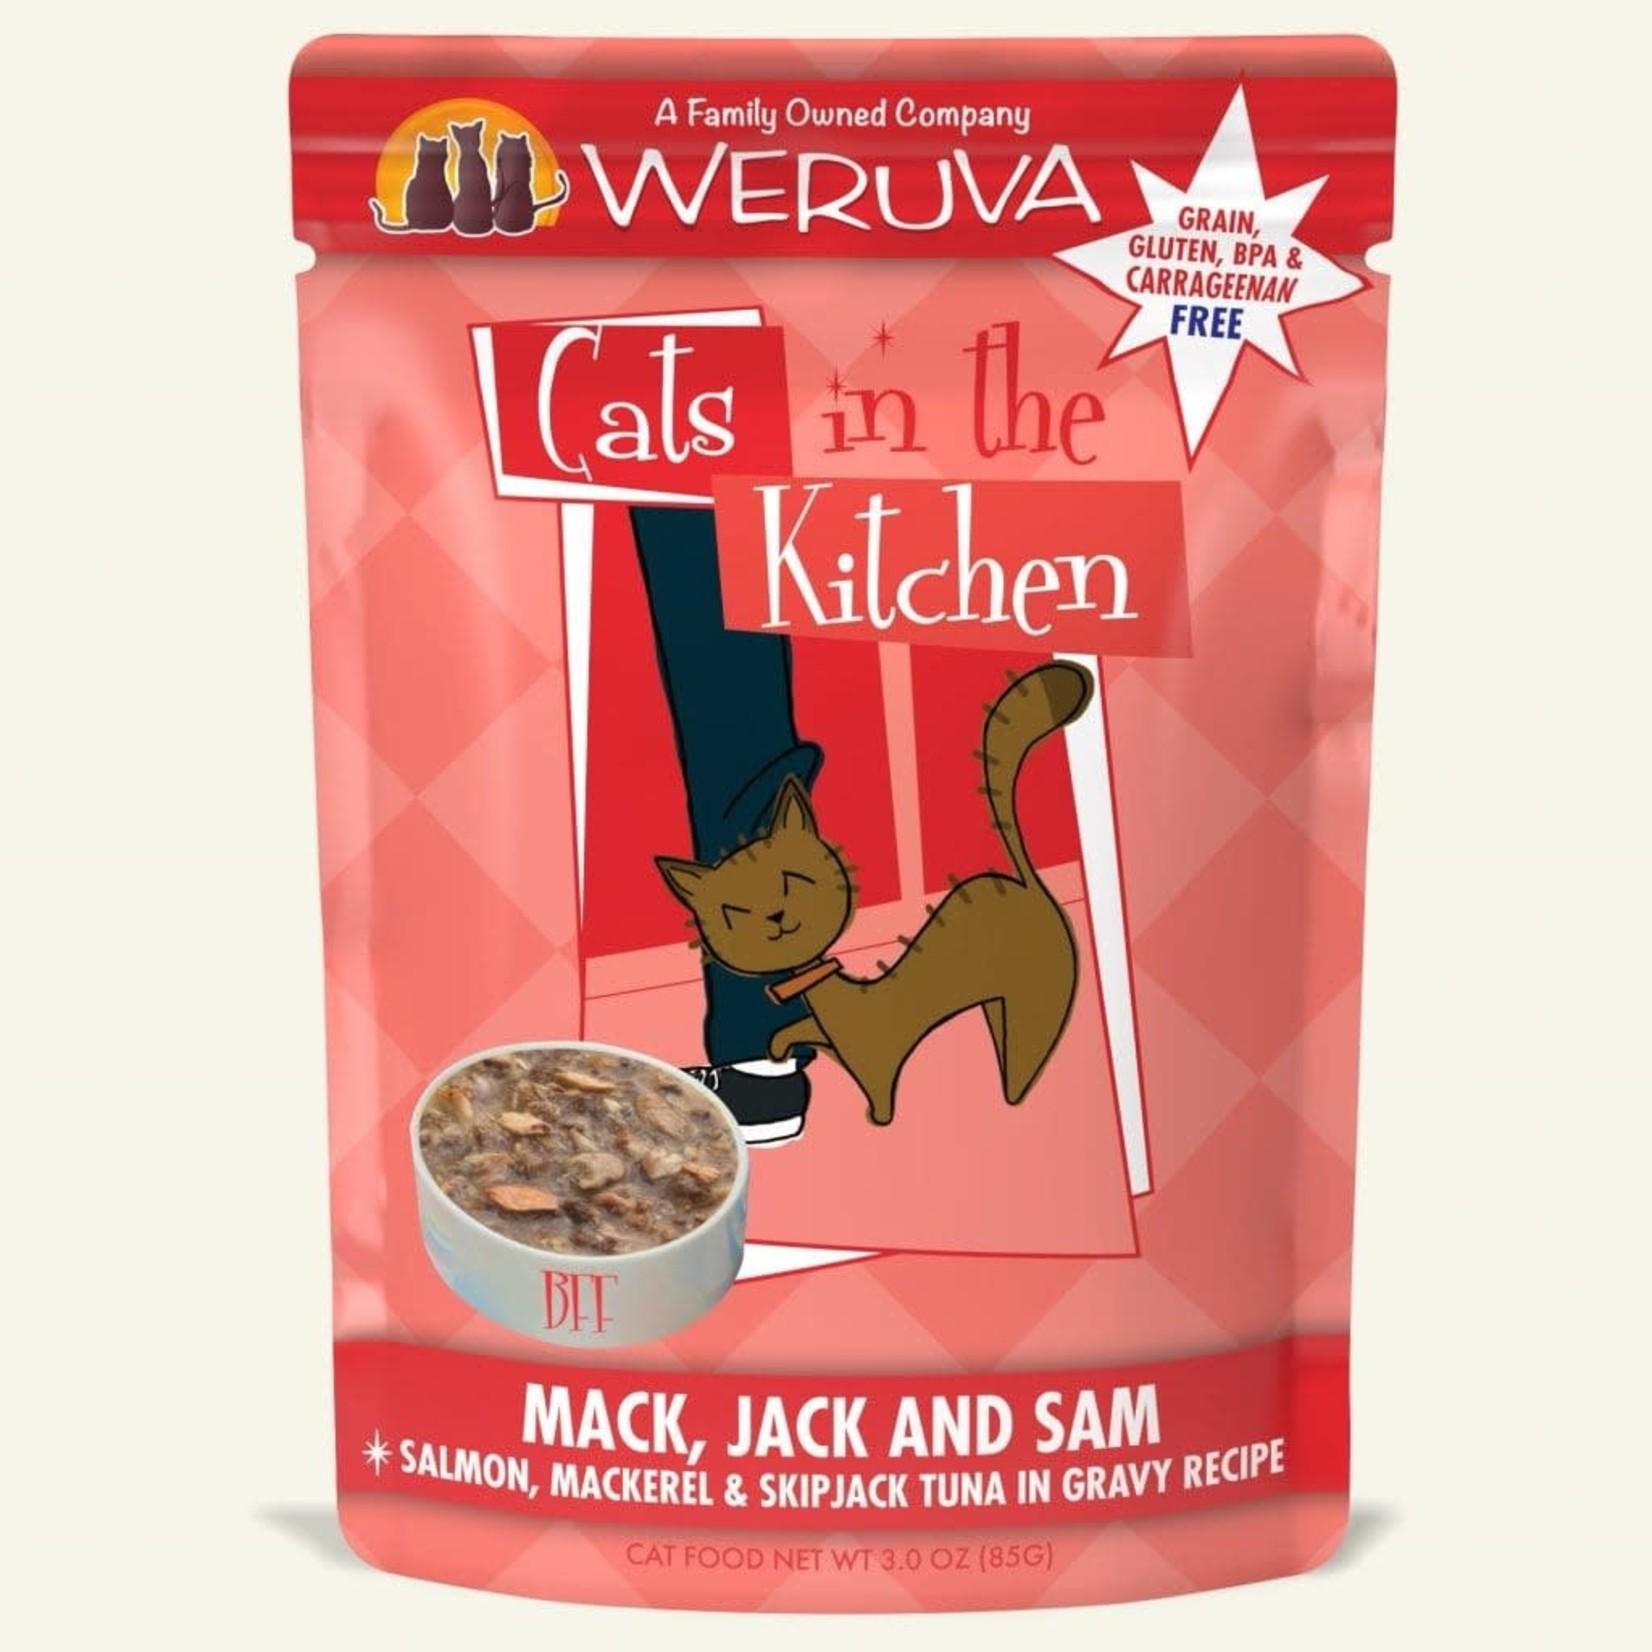 Weruva Cats In The Kitchen Mack, Jack & Sam 3 OZ Pouch